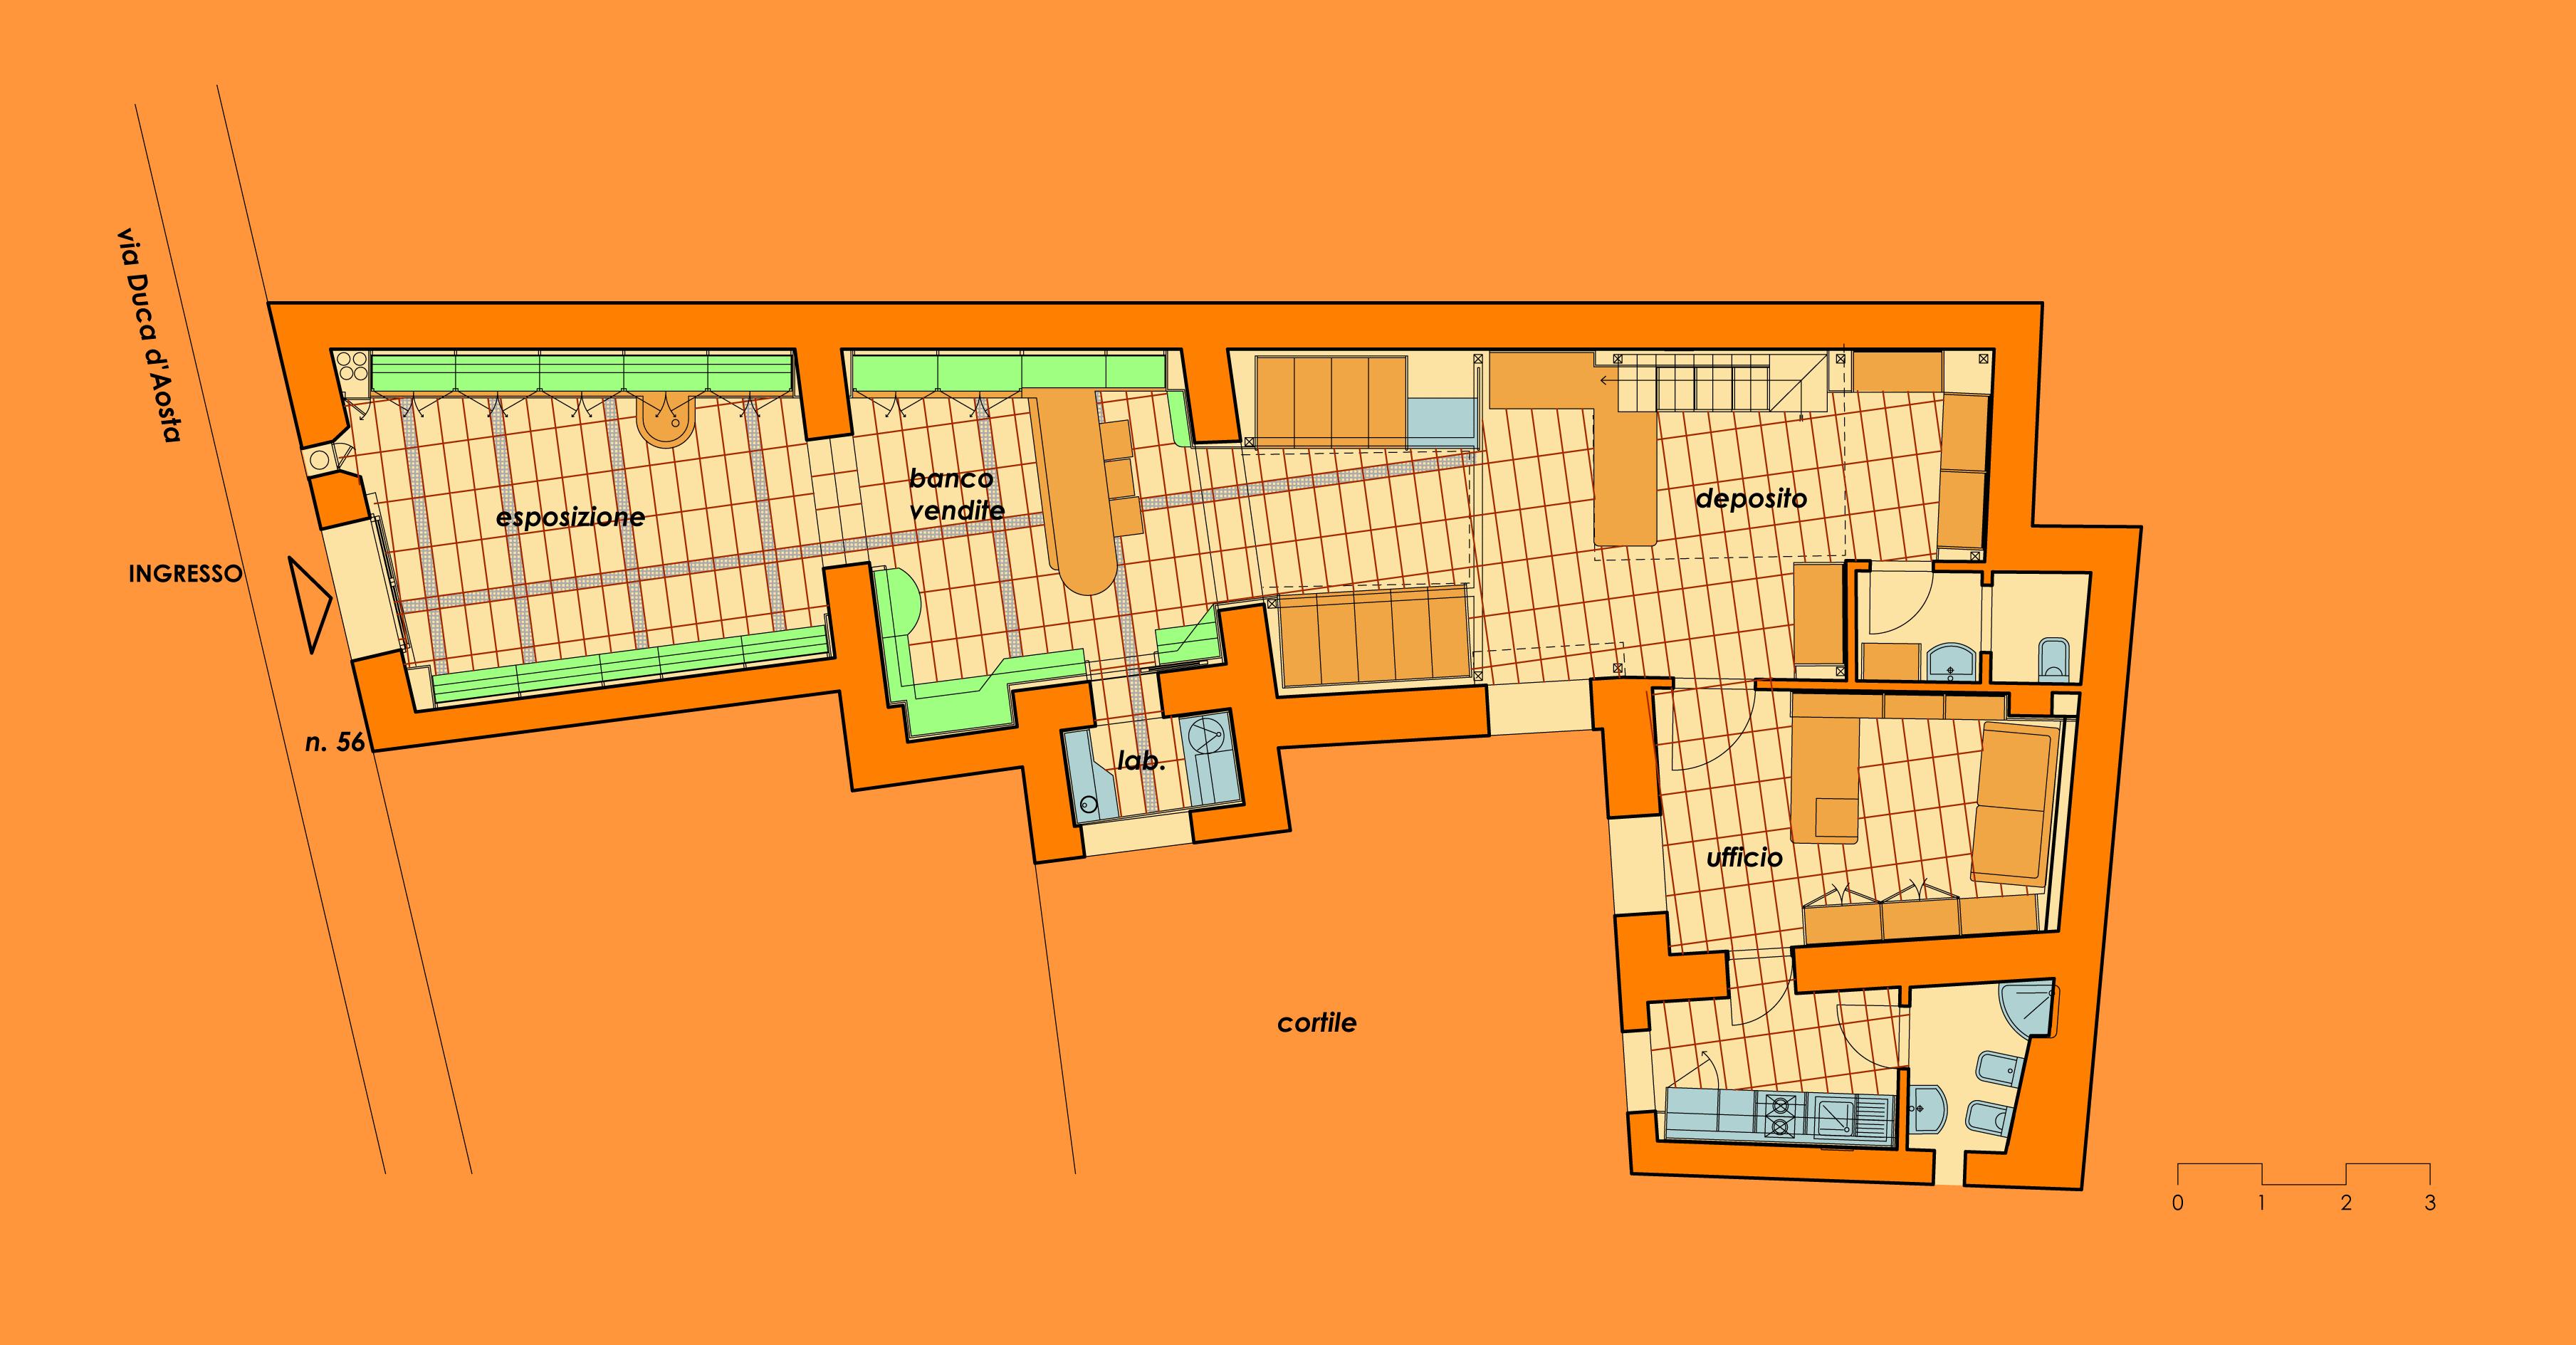 Ristrutturazione e rifunzionalizzazione dei locali siti in via Duca D'Aosta 56, per Farmacia del Sol